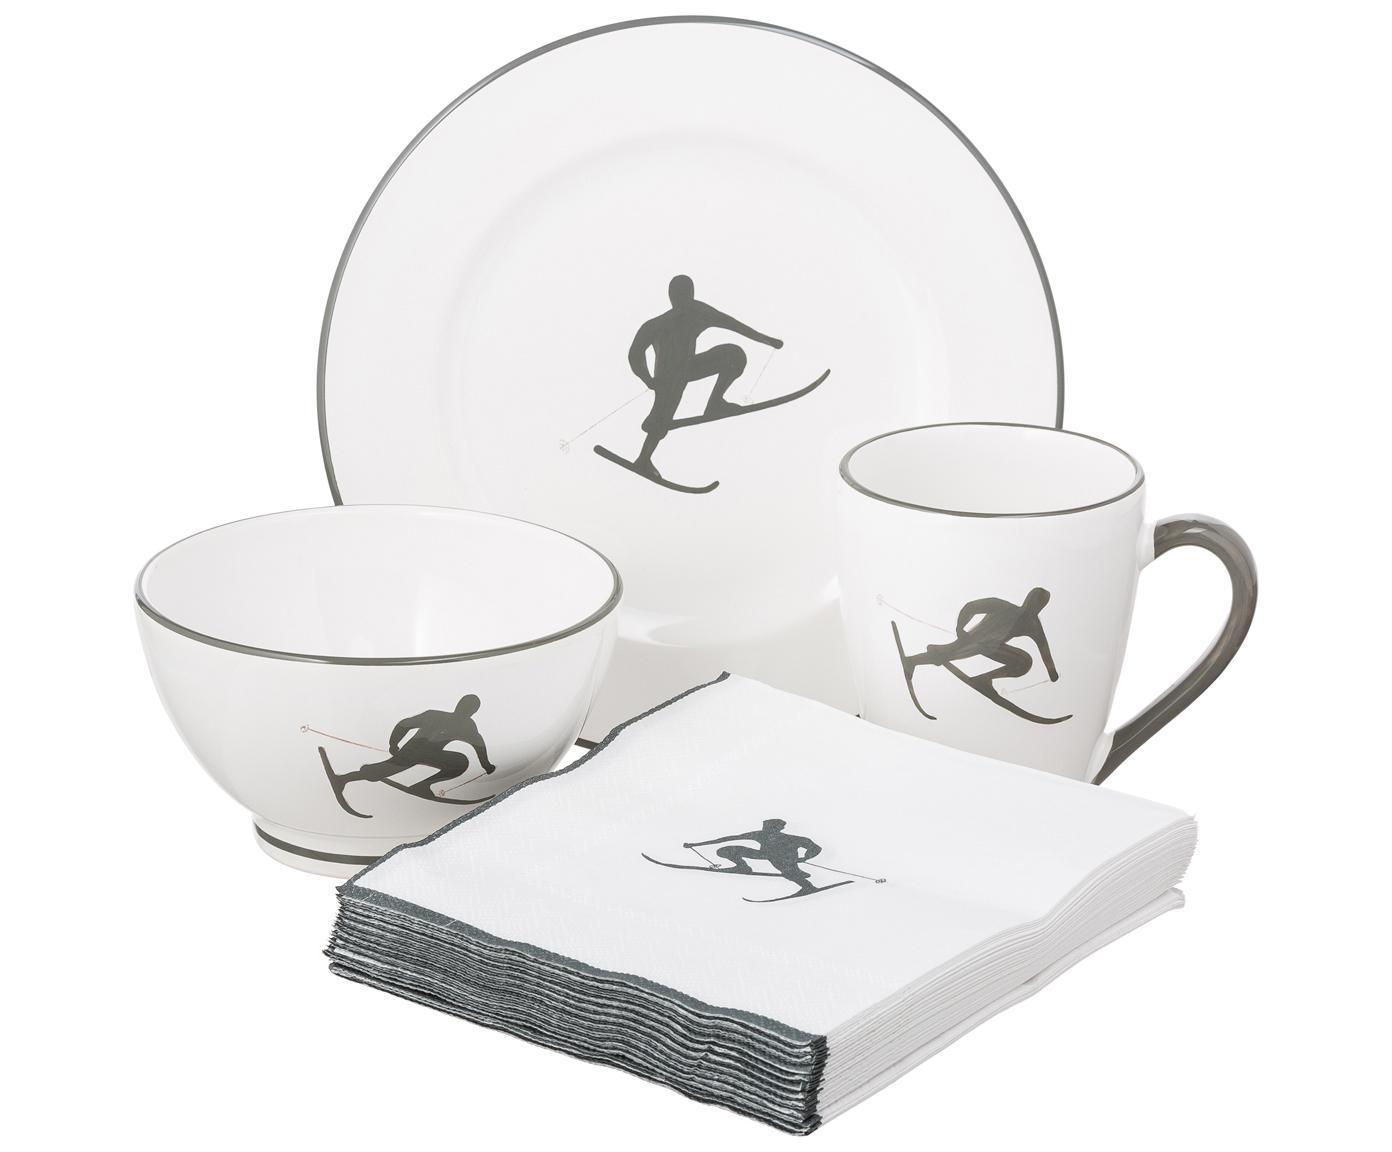 Ręcznie malowany serwis śniadaniowy Toni, 4 elem., Ceramika, Szary, biały, Różne rozmiary